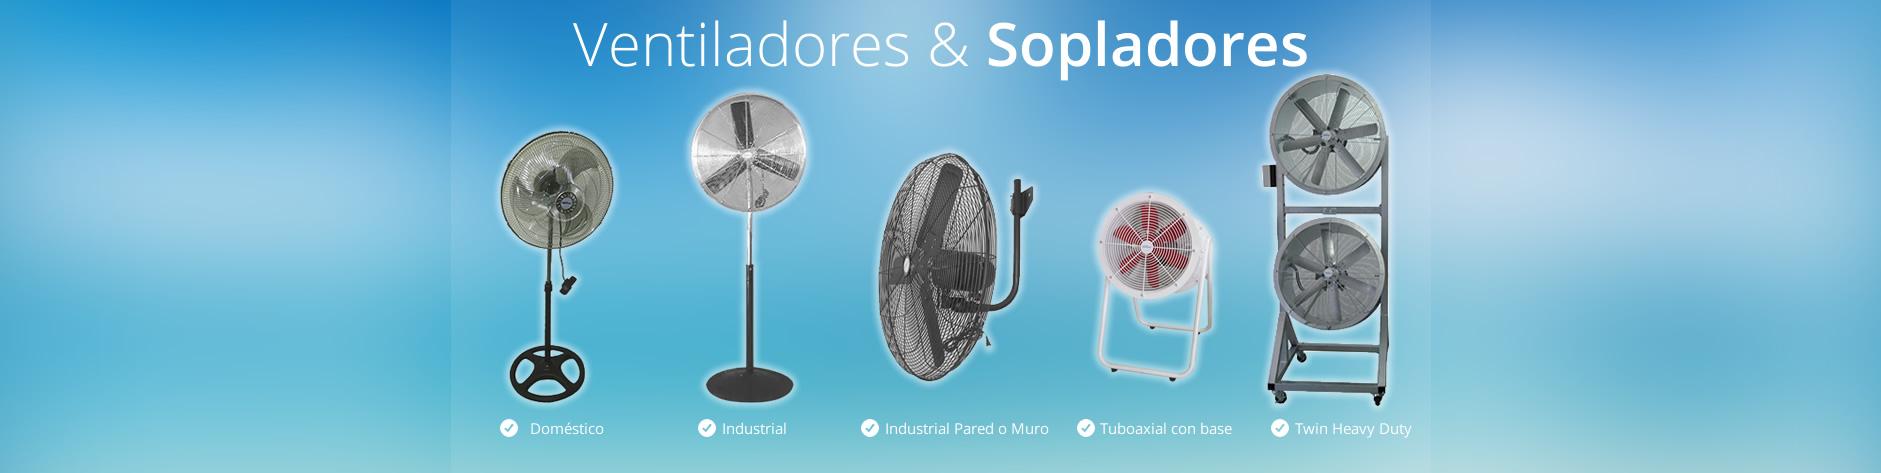 slider-ventiladores-y-sopladores-air-master